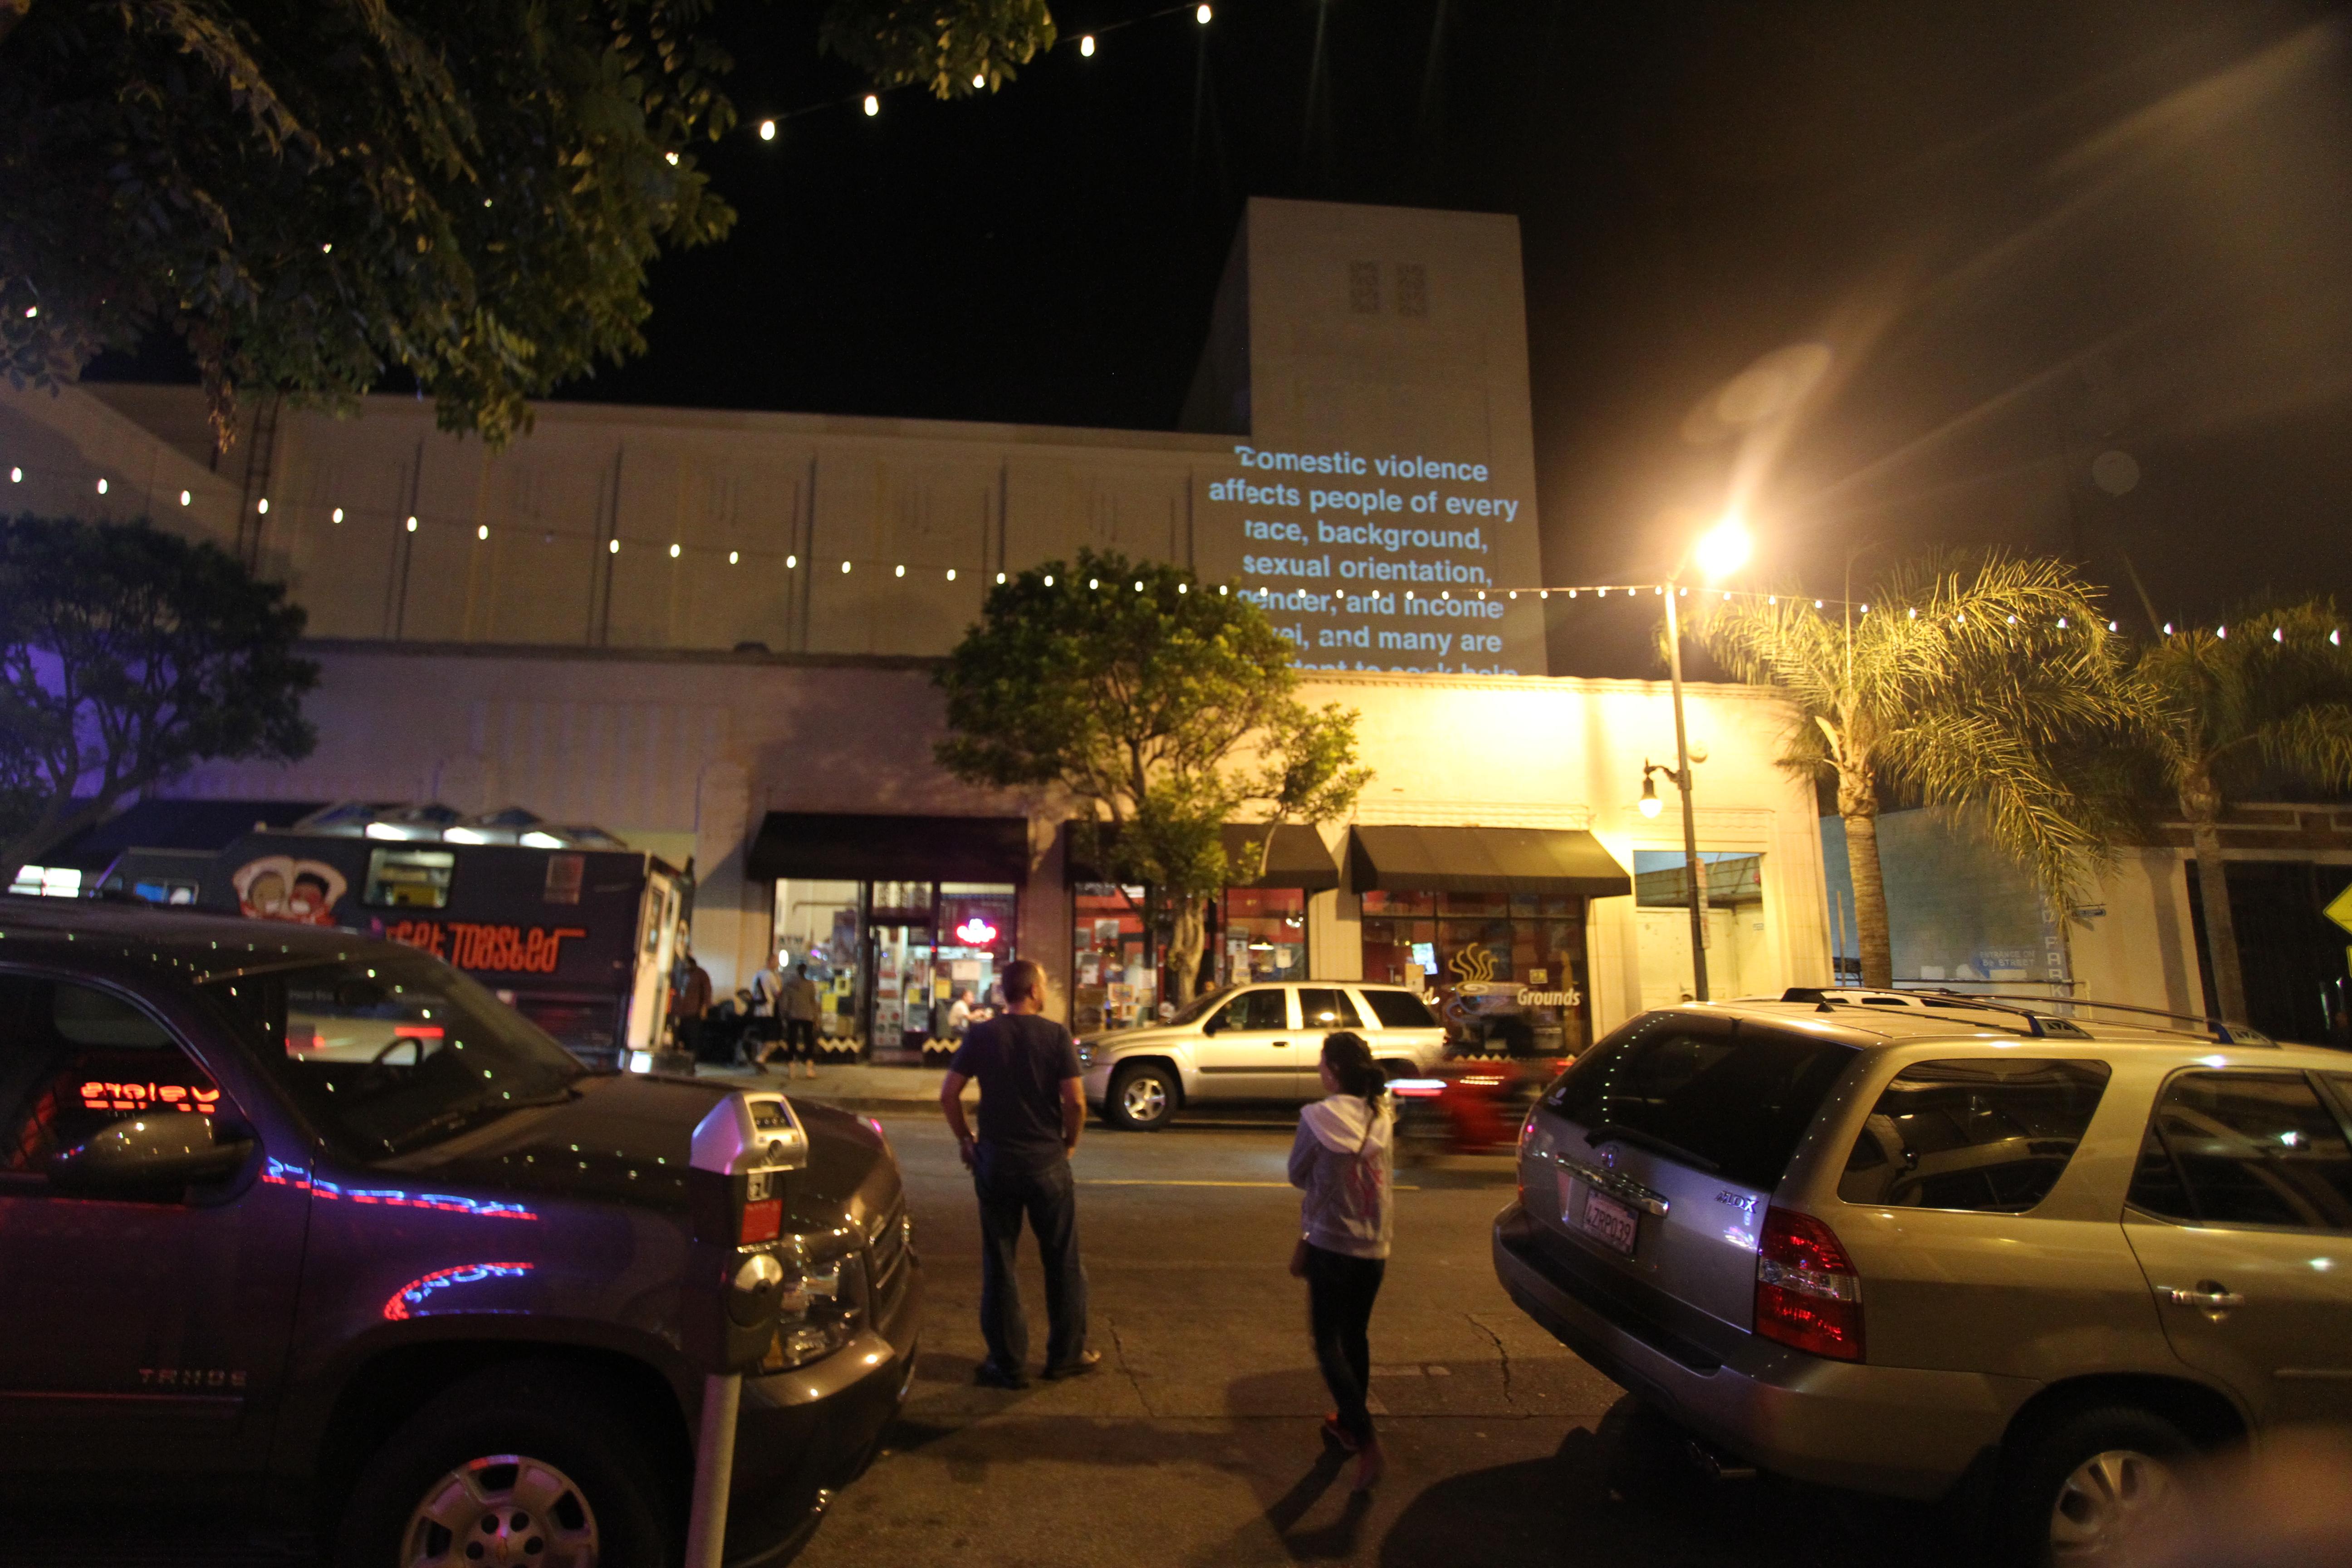 Site#2: San Pedro public projection